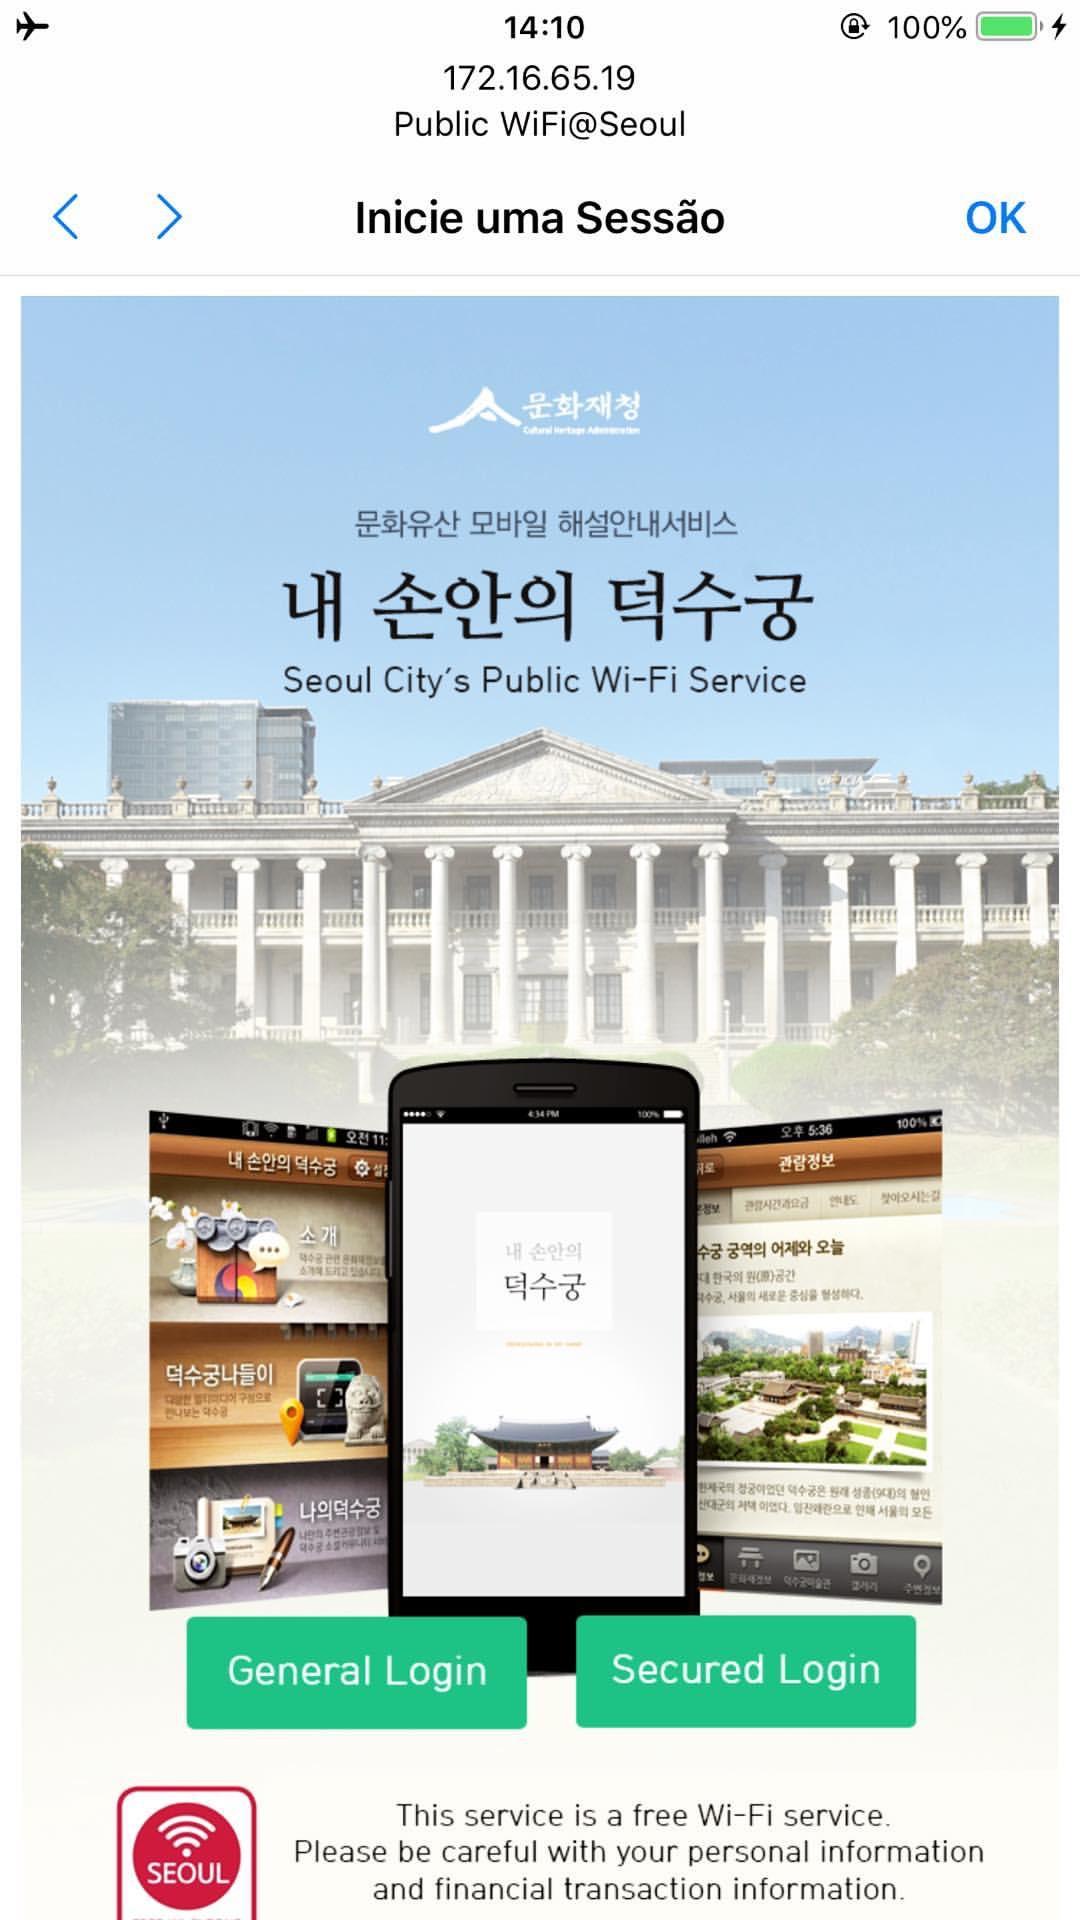 Curiosidades sobre a Coreia do Sul